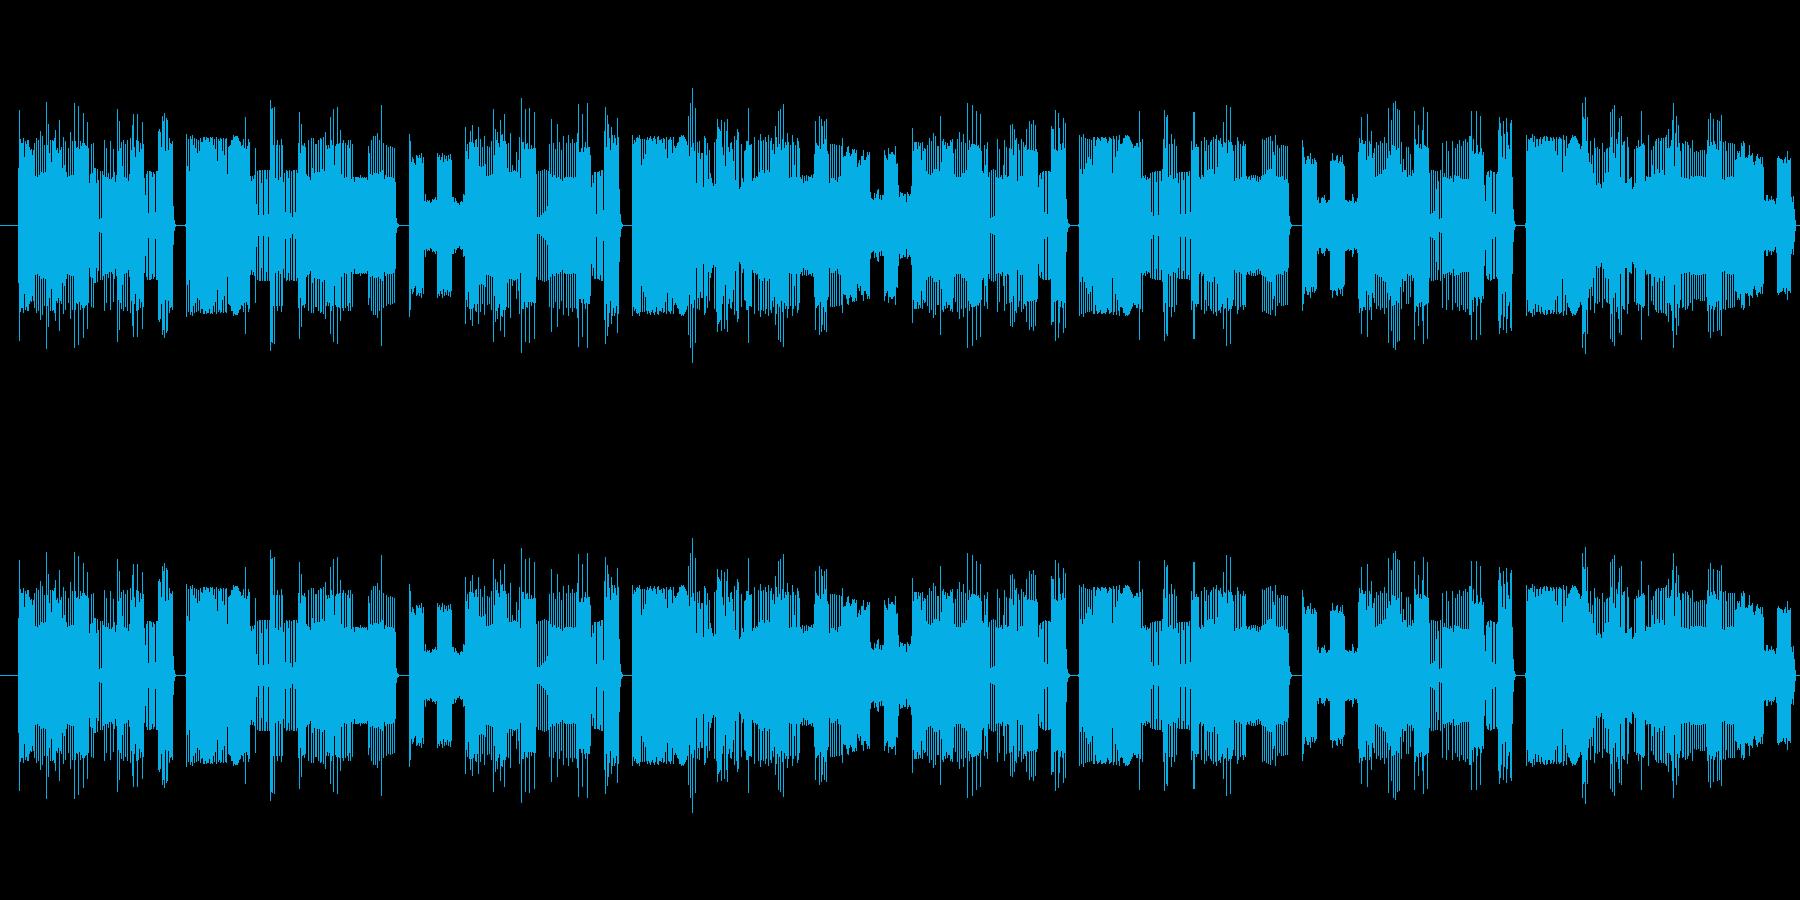 のんびり・不思議なファミコン風BGMの再生済みの波形